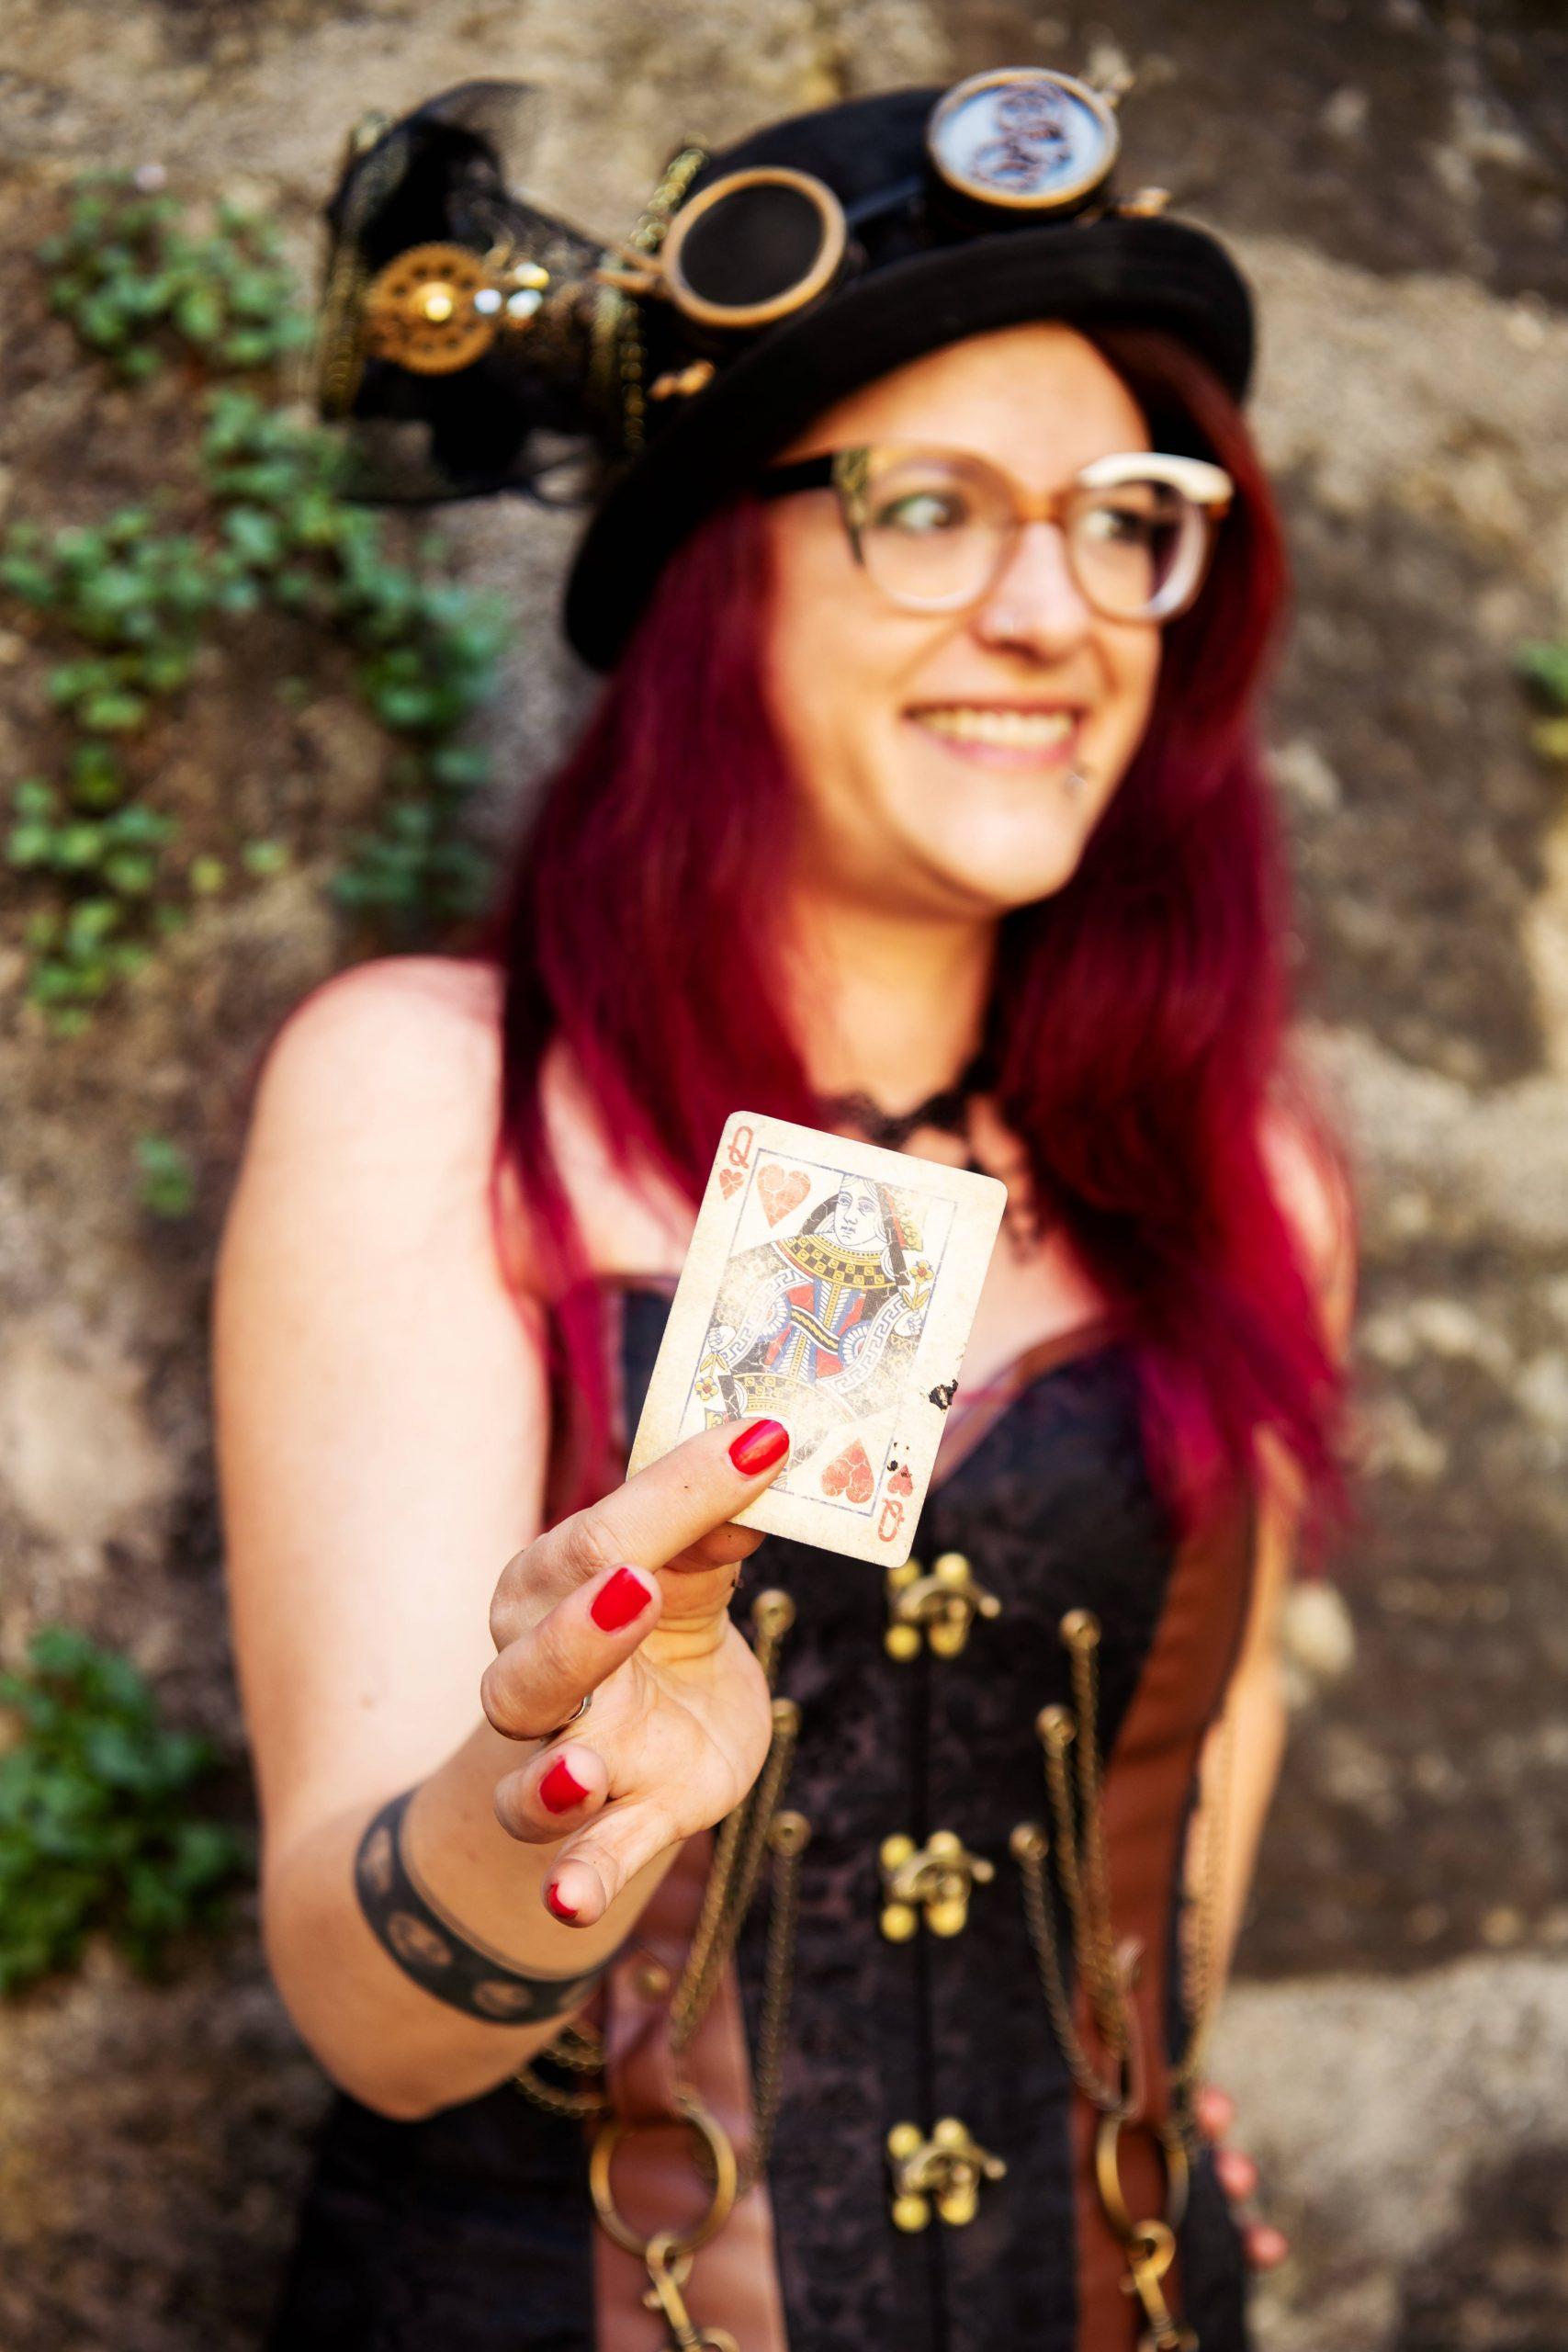 Zauberin mit Spielkarte